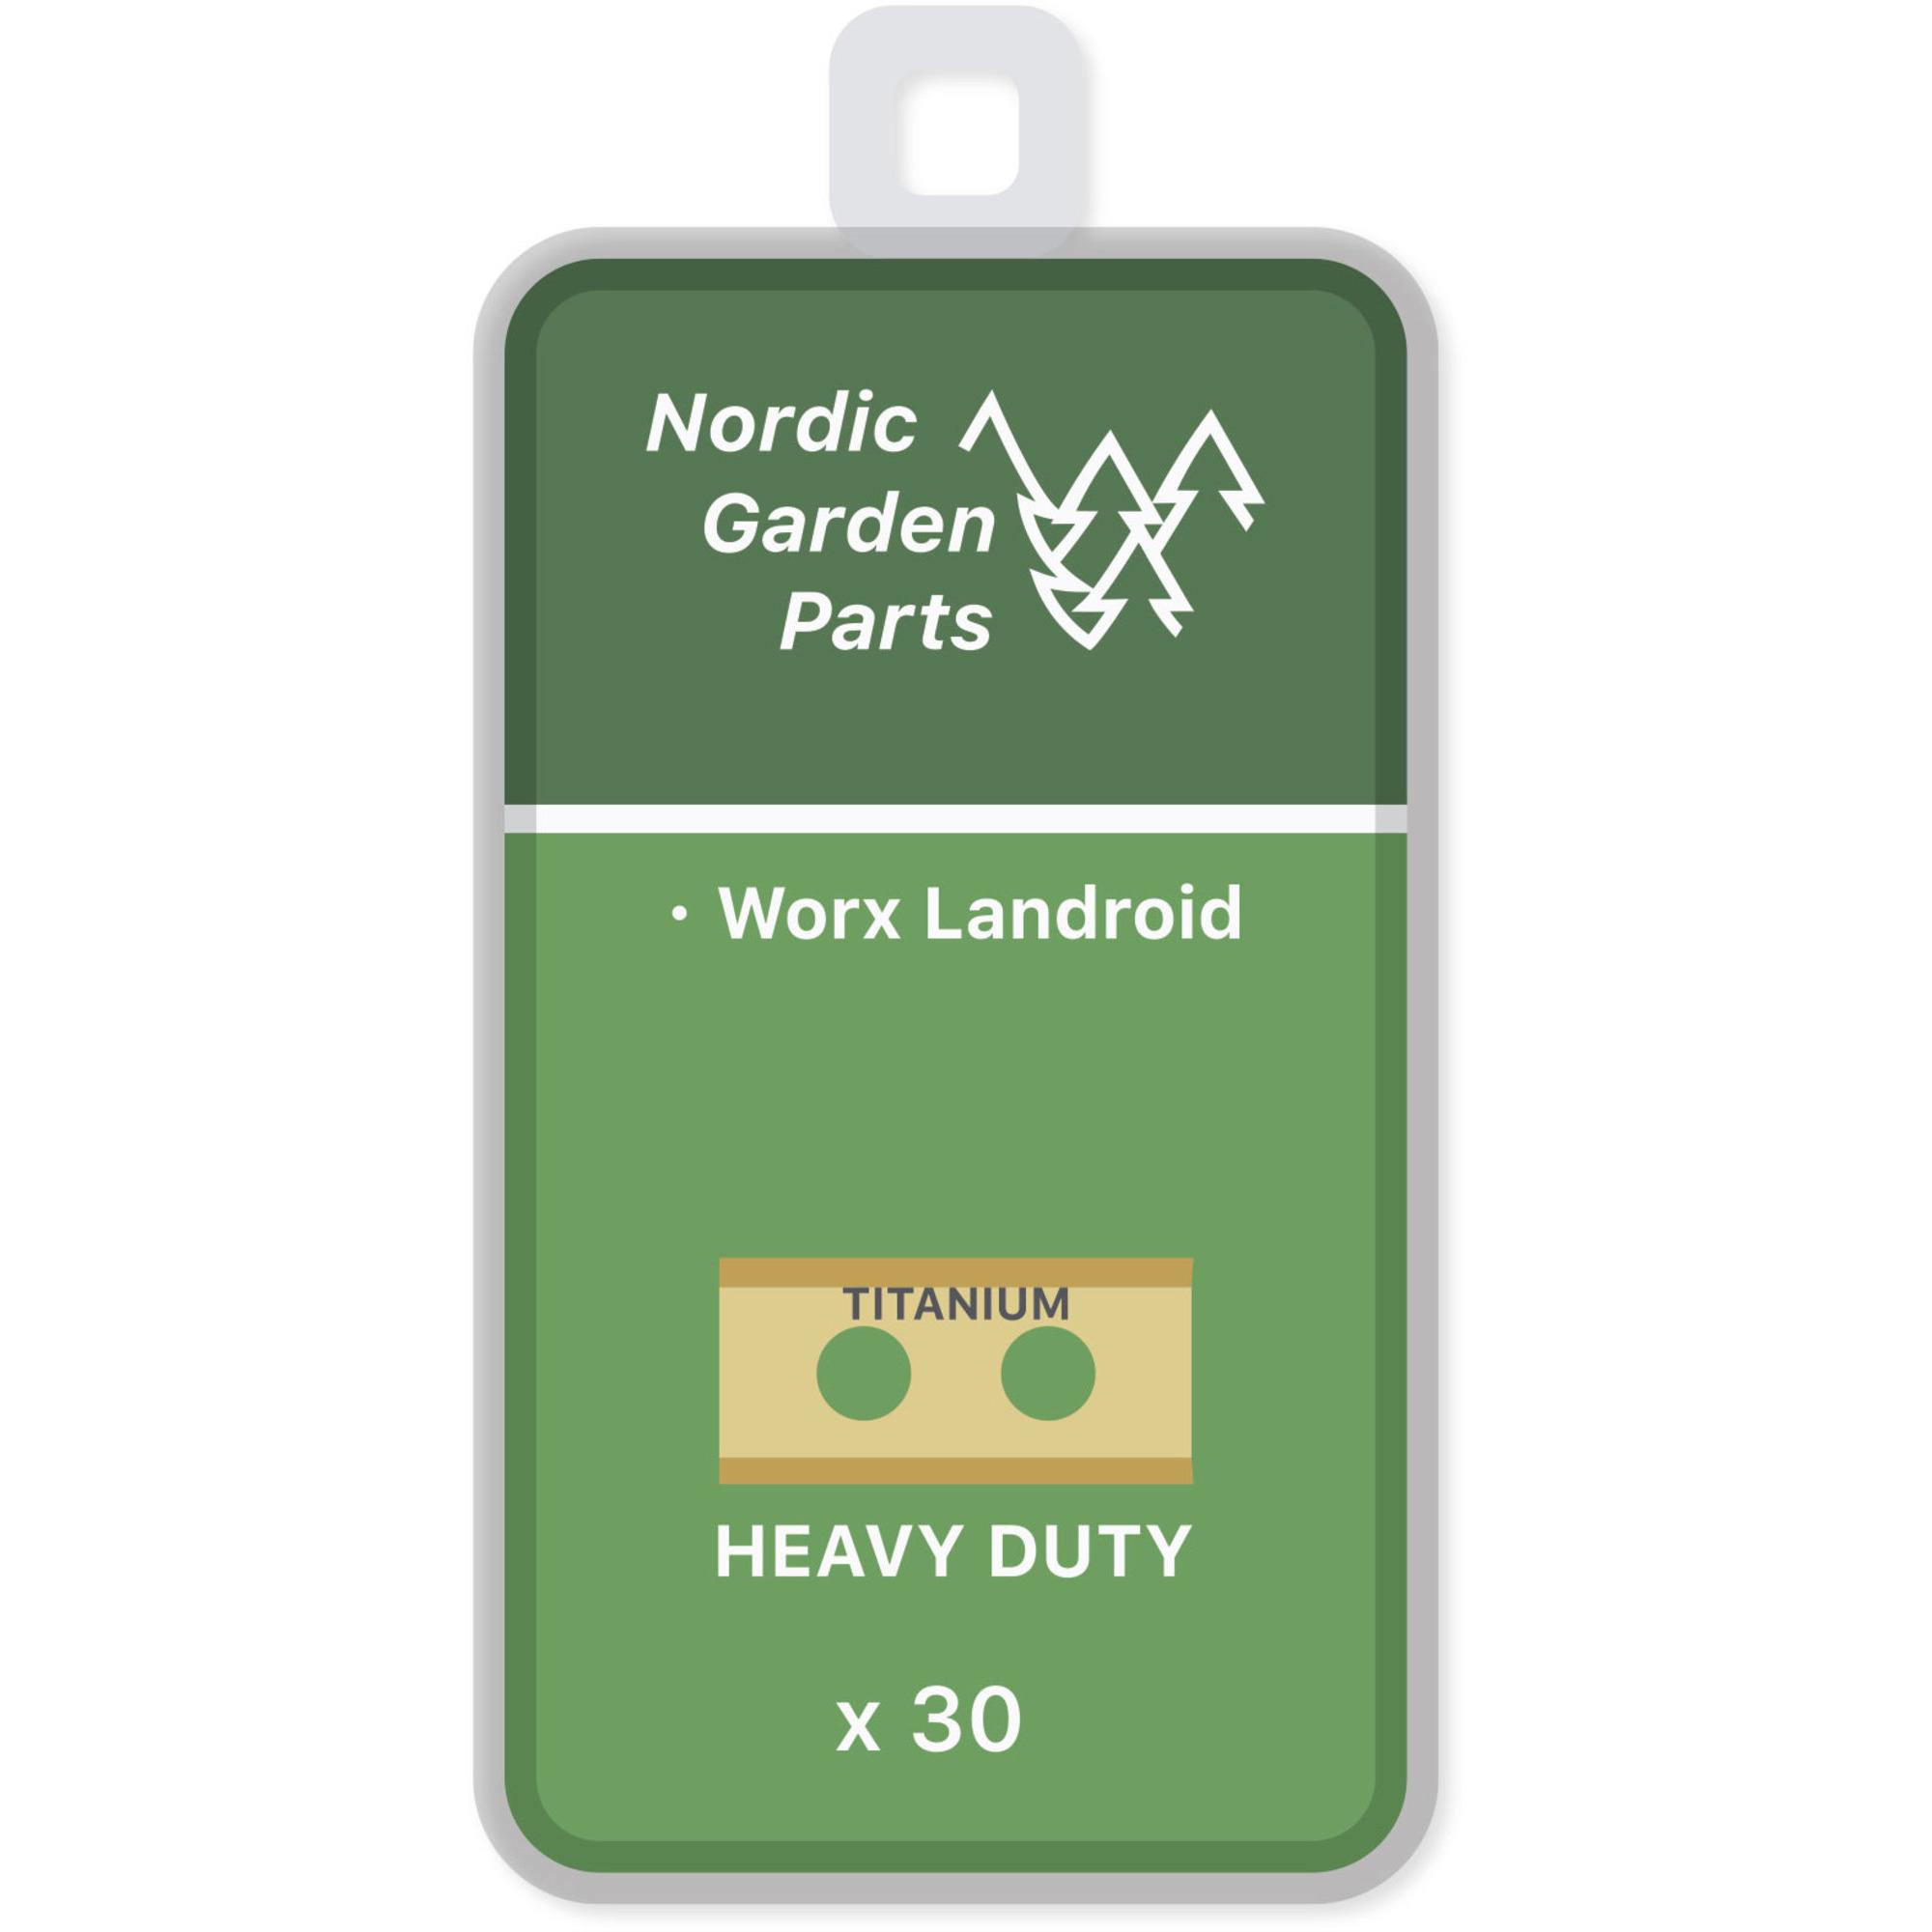 Nordic Garden Parts Titanbelagda knivar till Worx Landroid 30 st.